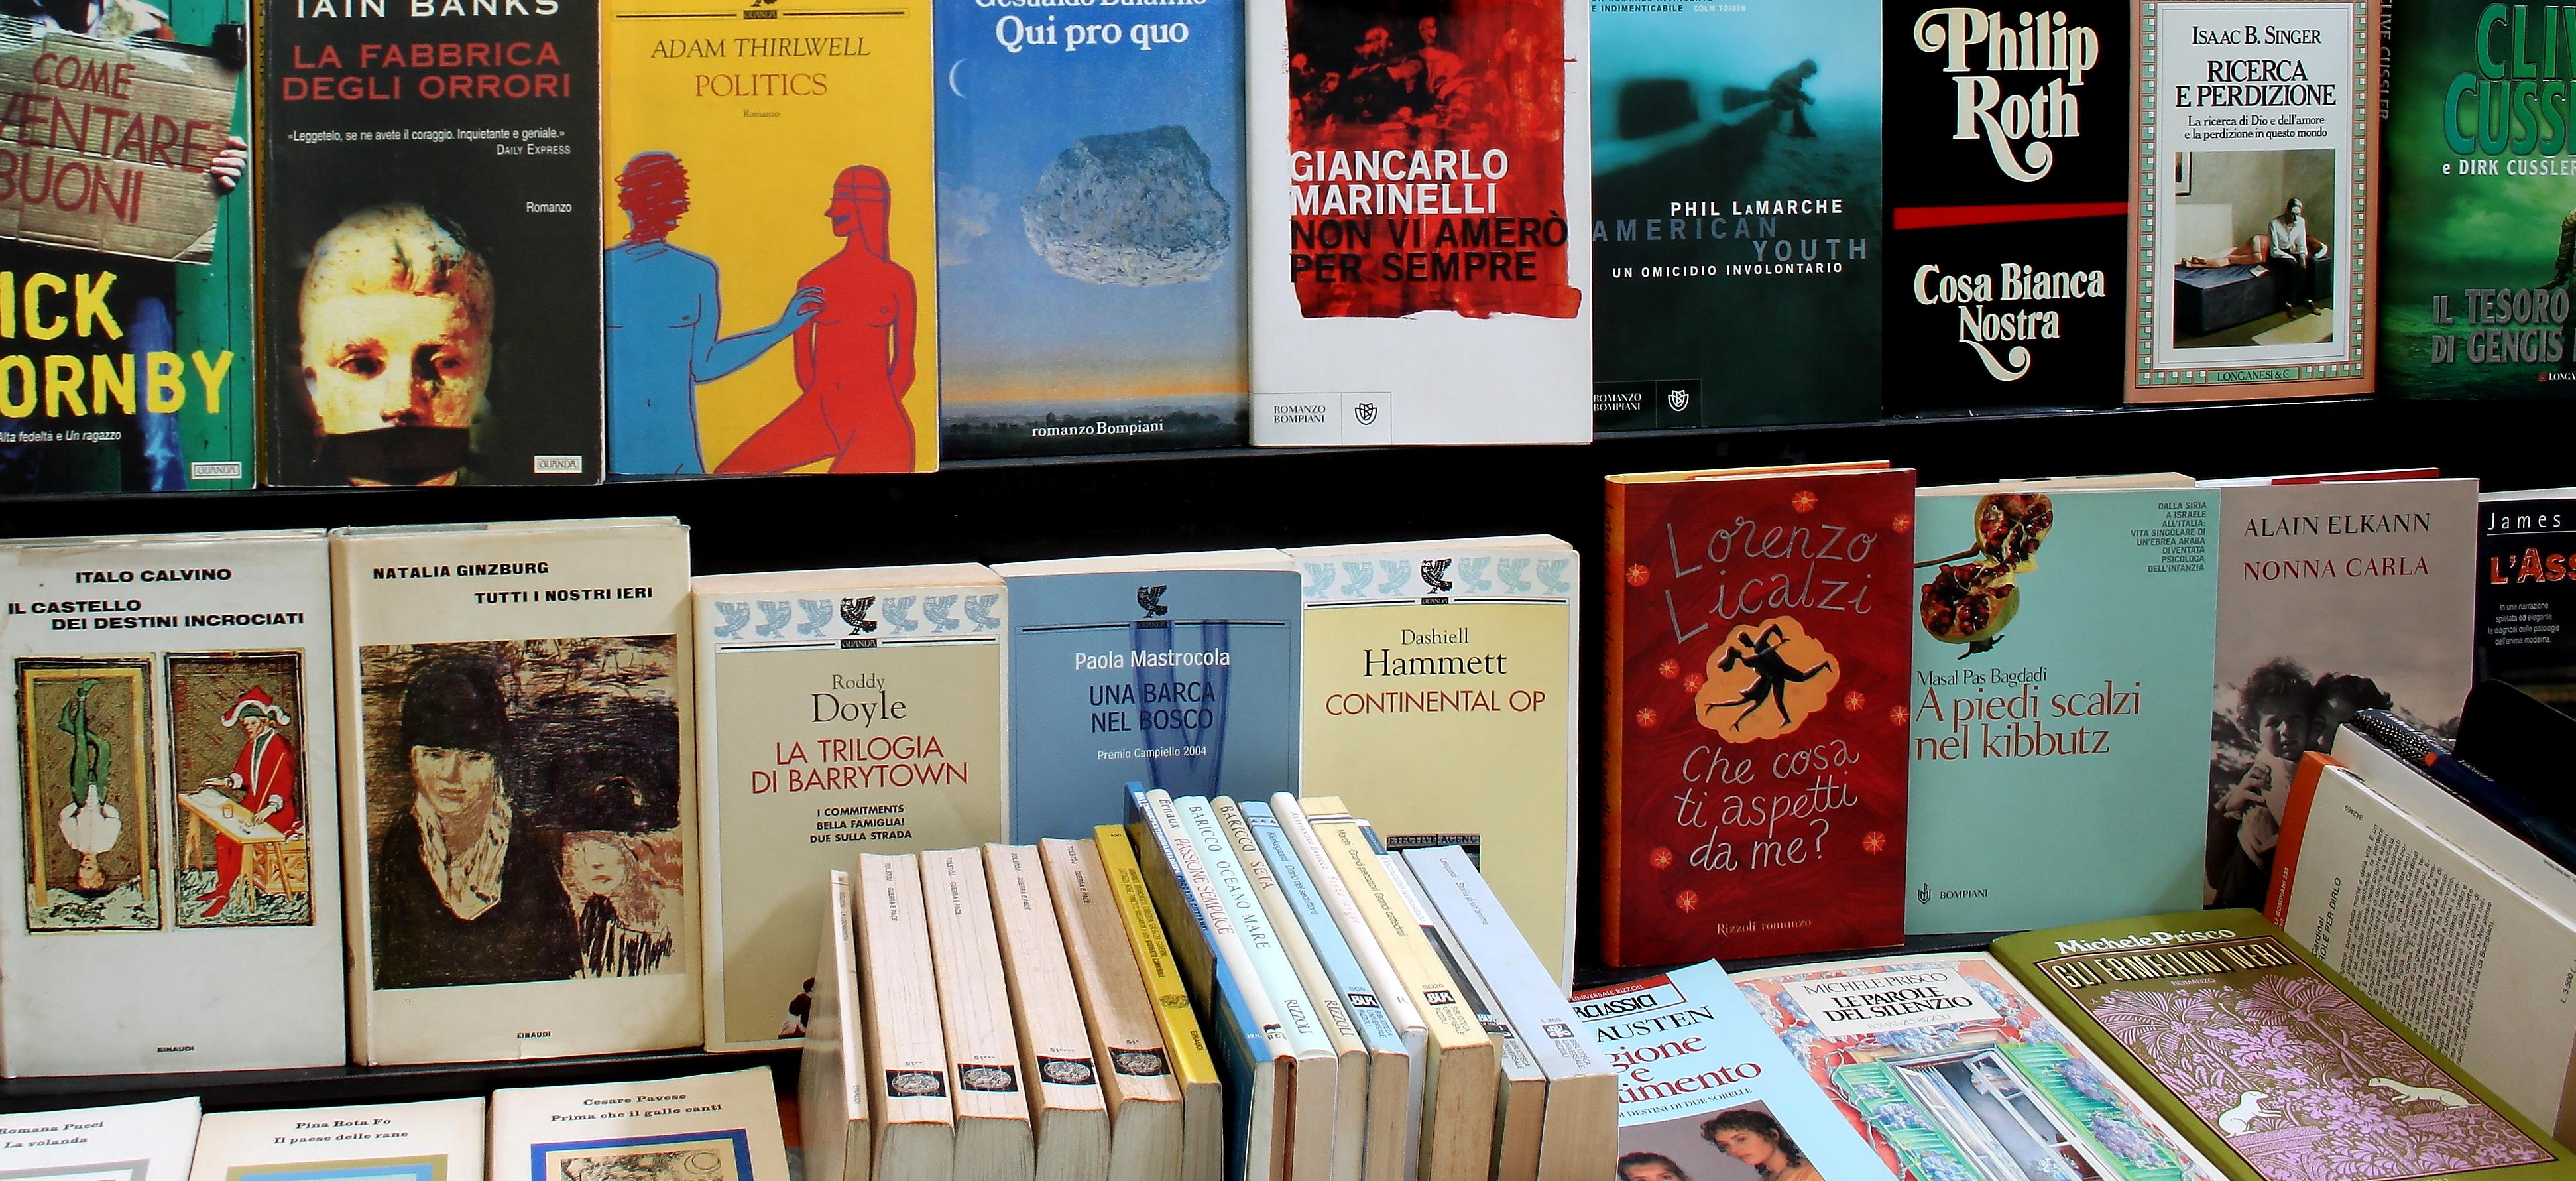 Libri usati nel negozio di Milano